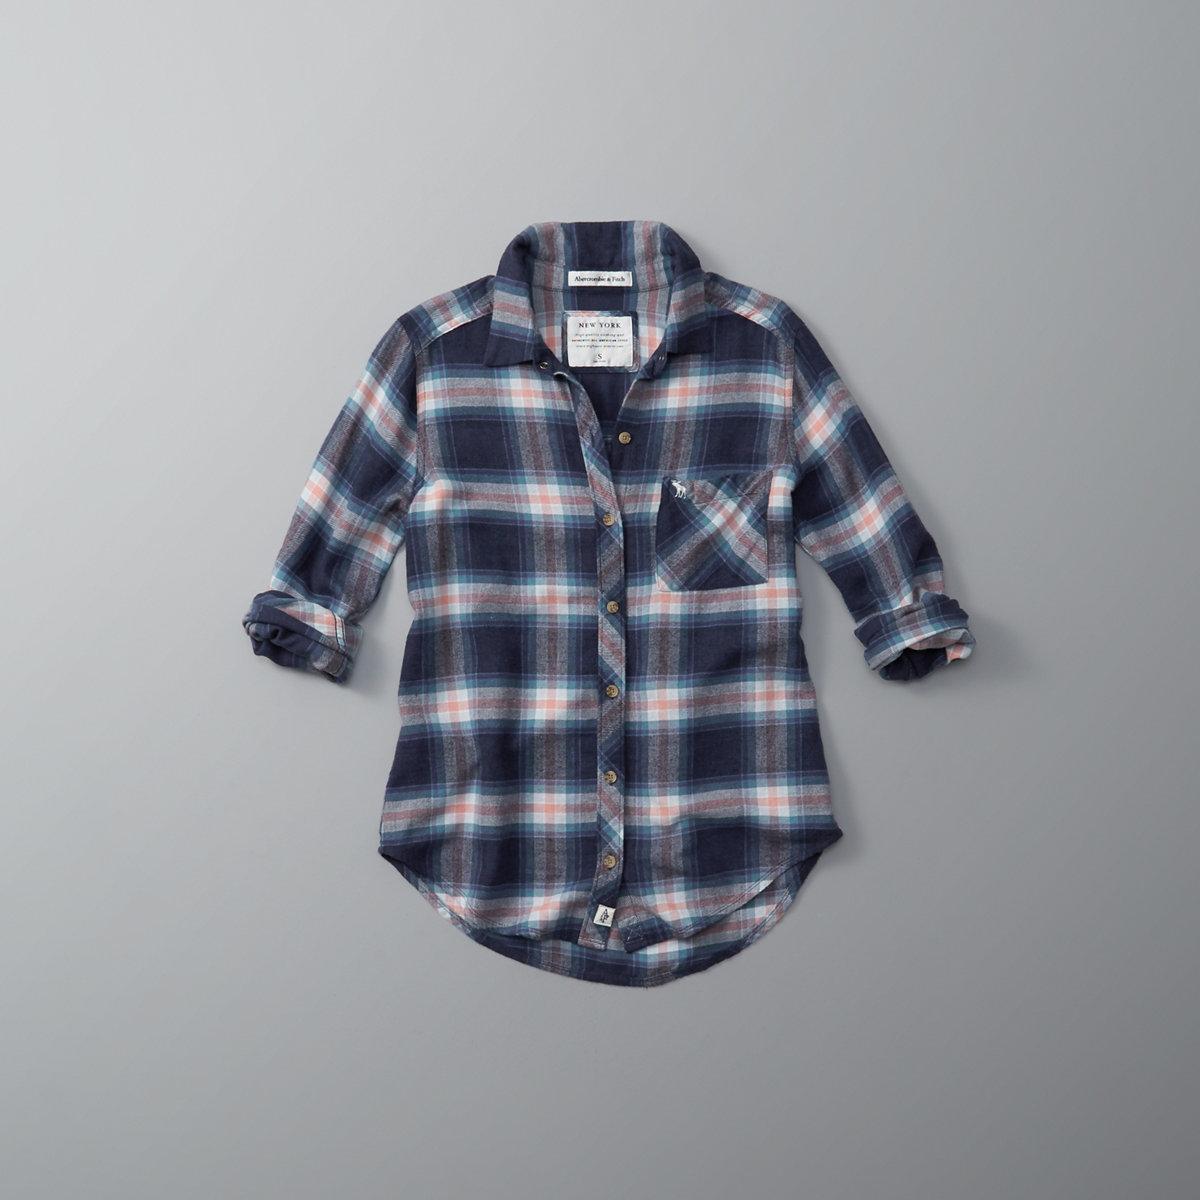 Lightweight Flannel Button-Up Shirt